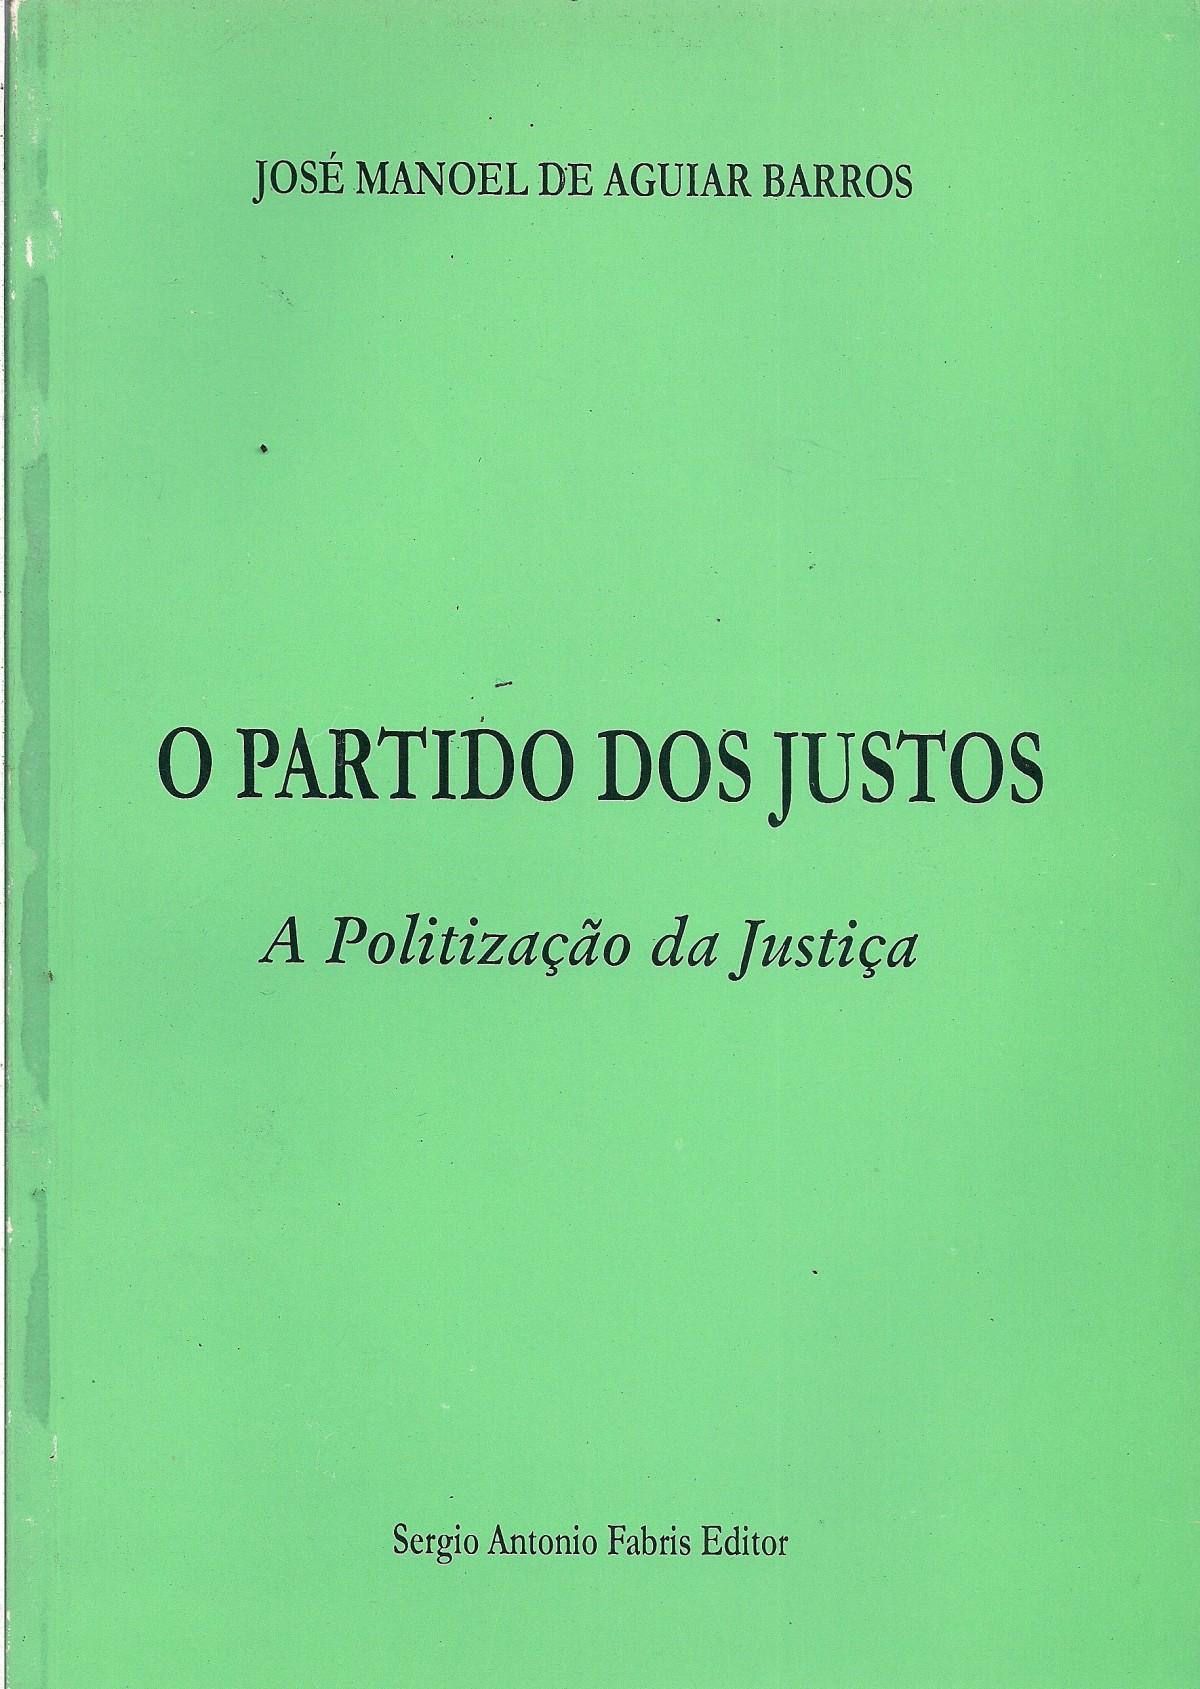 Foto 1 - O Partido dos Justos - A Politização da Justiça